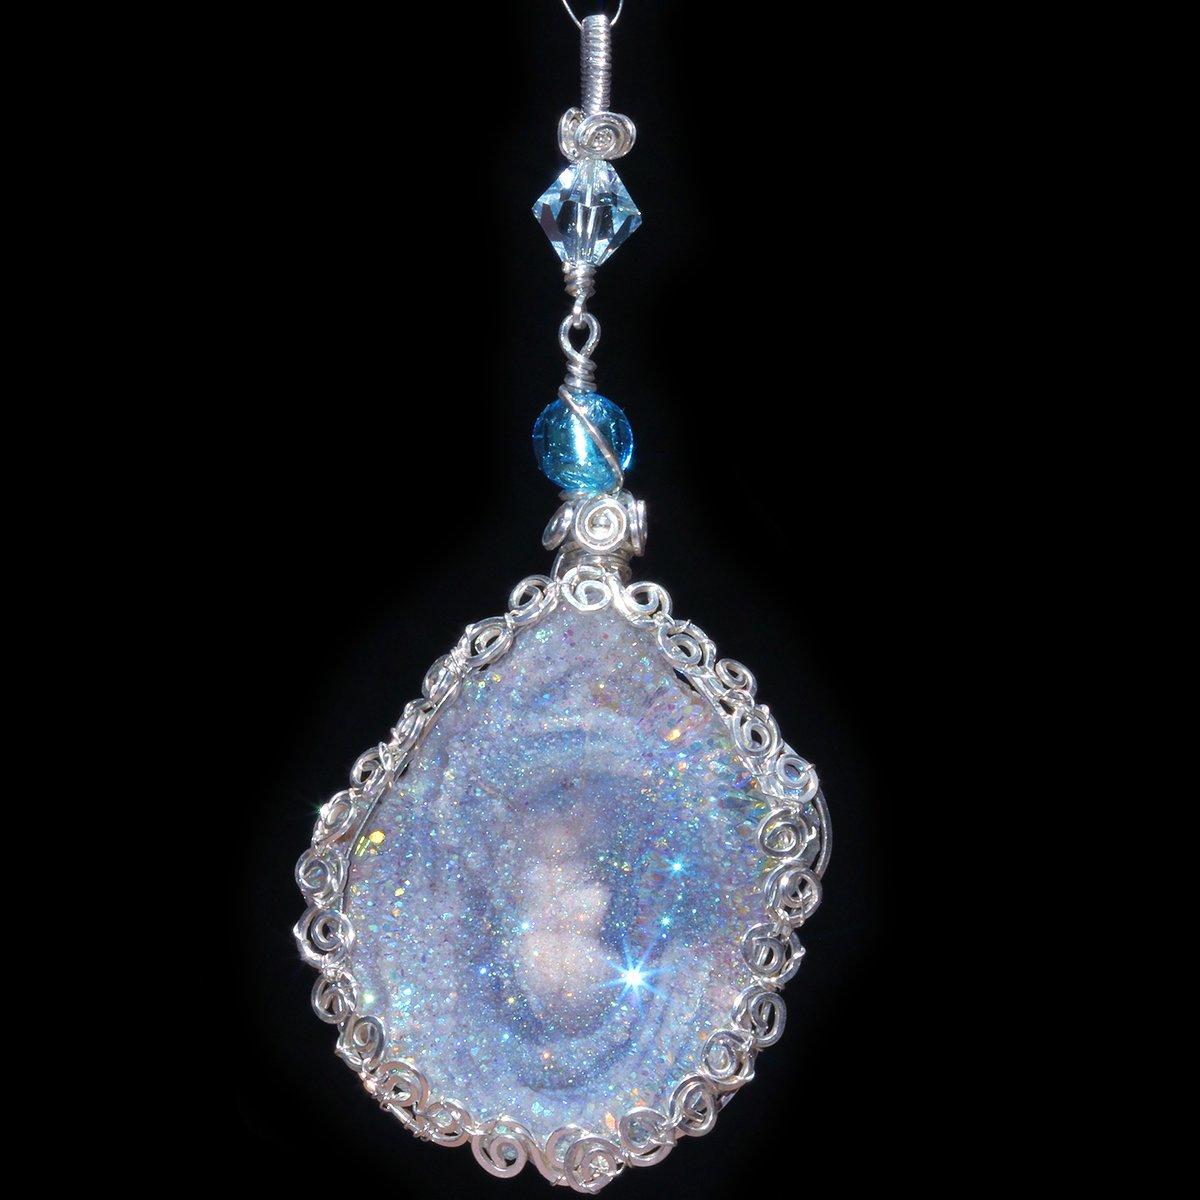 Fairy Aura Chalcedony Rosette Artisan Pendant